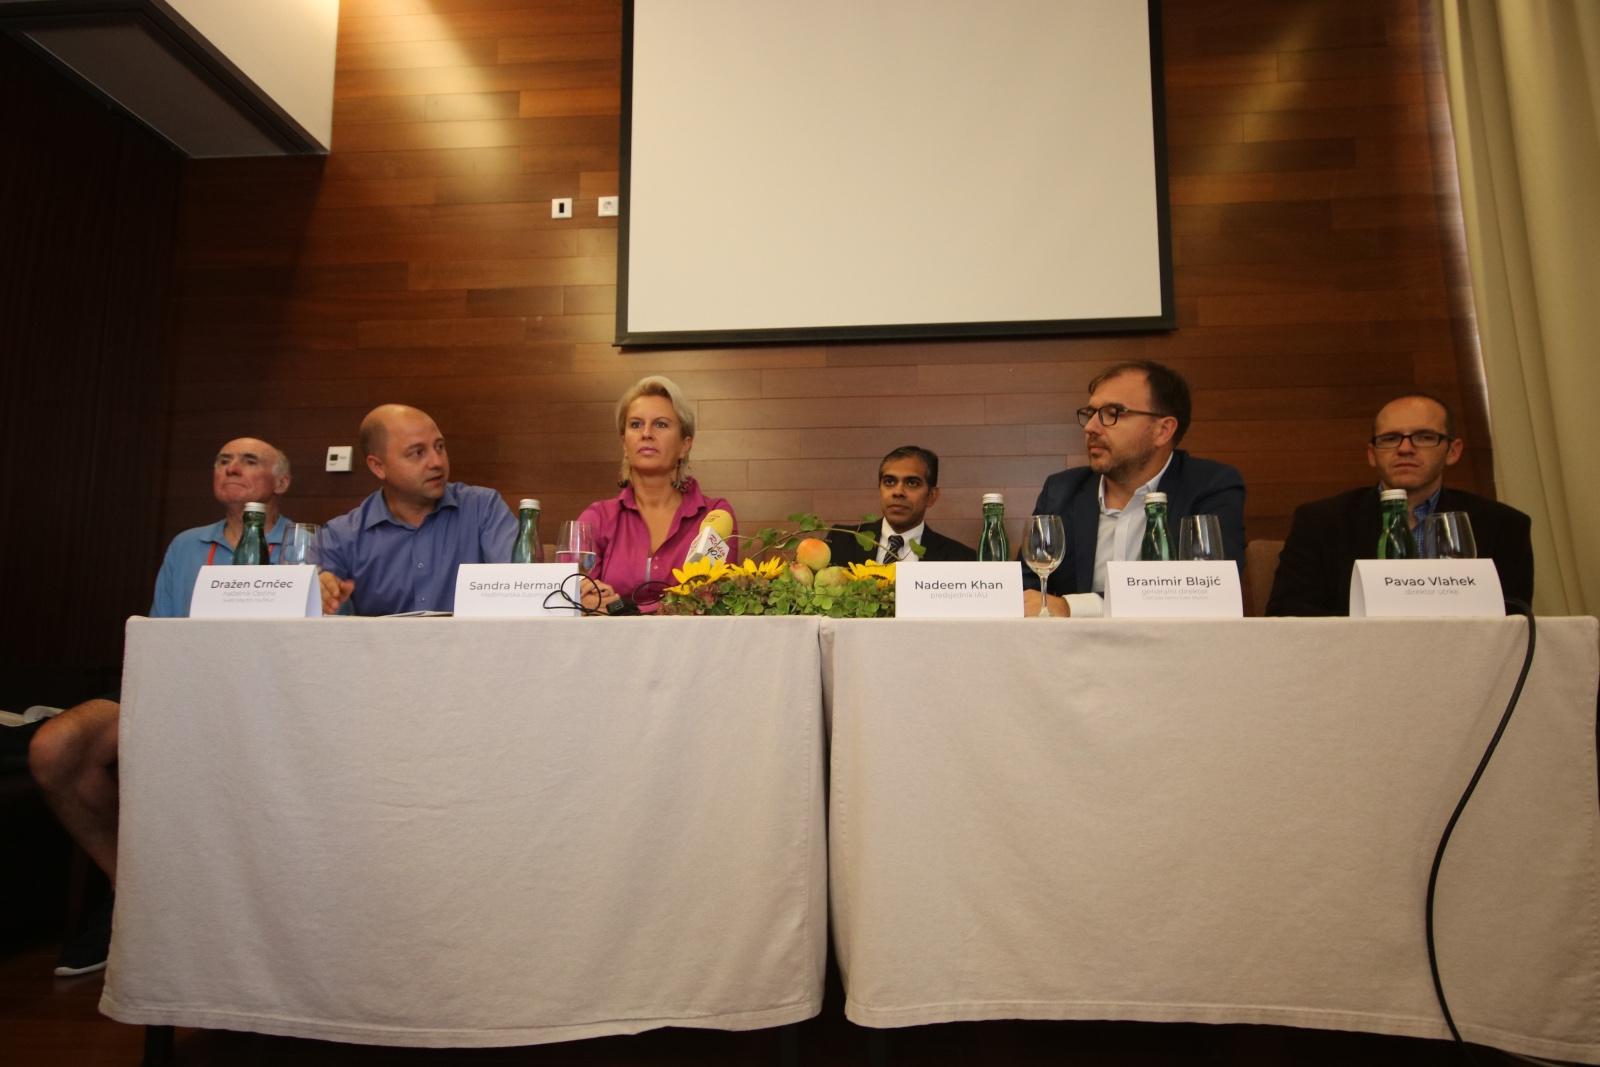 Konferencija za medije - Svjetsko prvenstvo u trcˇanju1.jpg (387 KB)